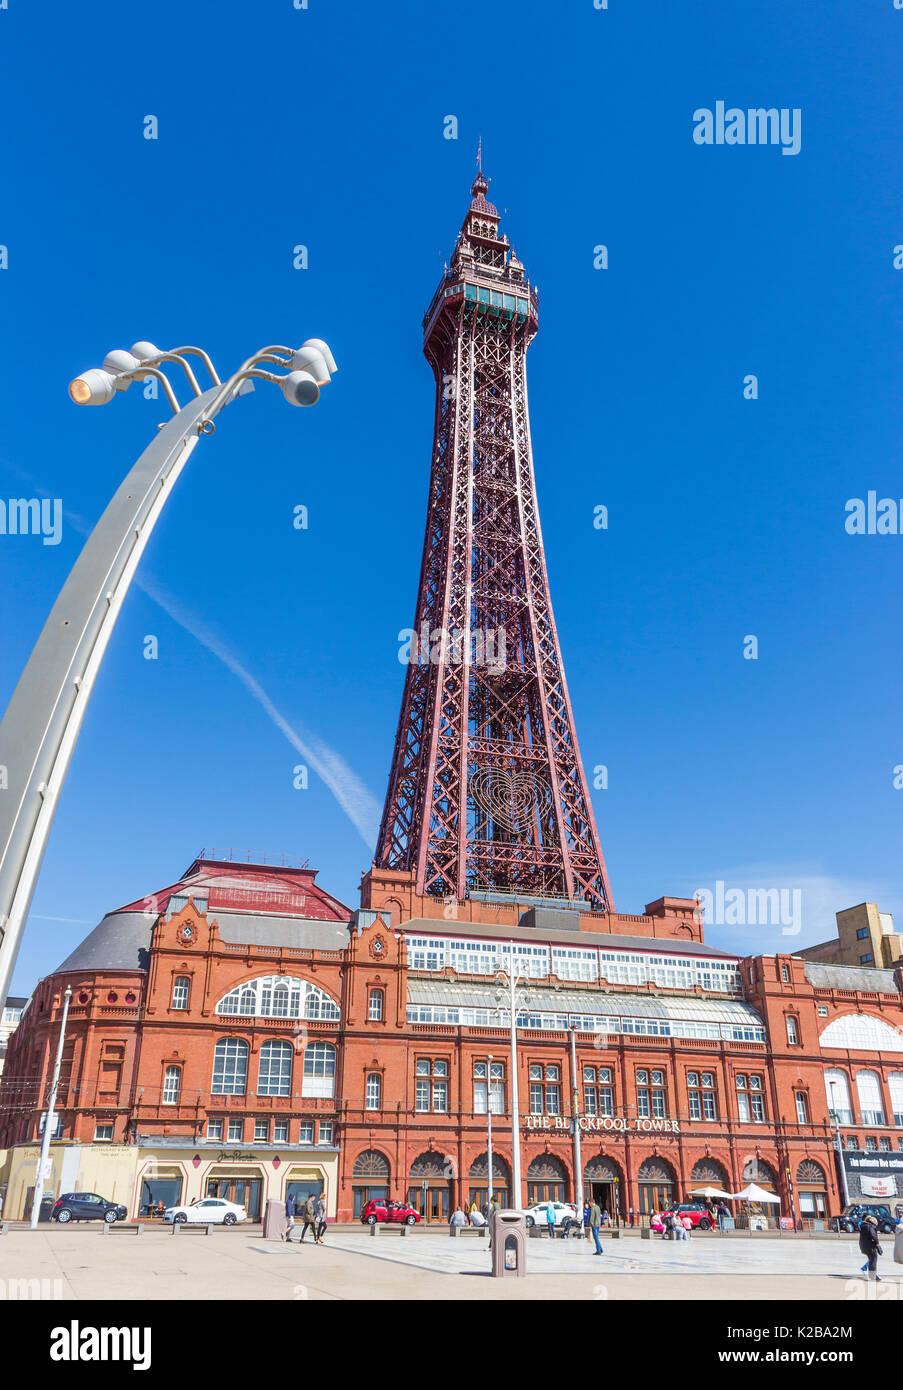 Blackpool, Fylde Coast, Lancashire, England. Der Blackpool Tower und Tower Gebäude, am 14. Mai 1894 eröffnet und von der Eiffelturm in Paris inspiriert, Stockbild